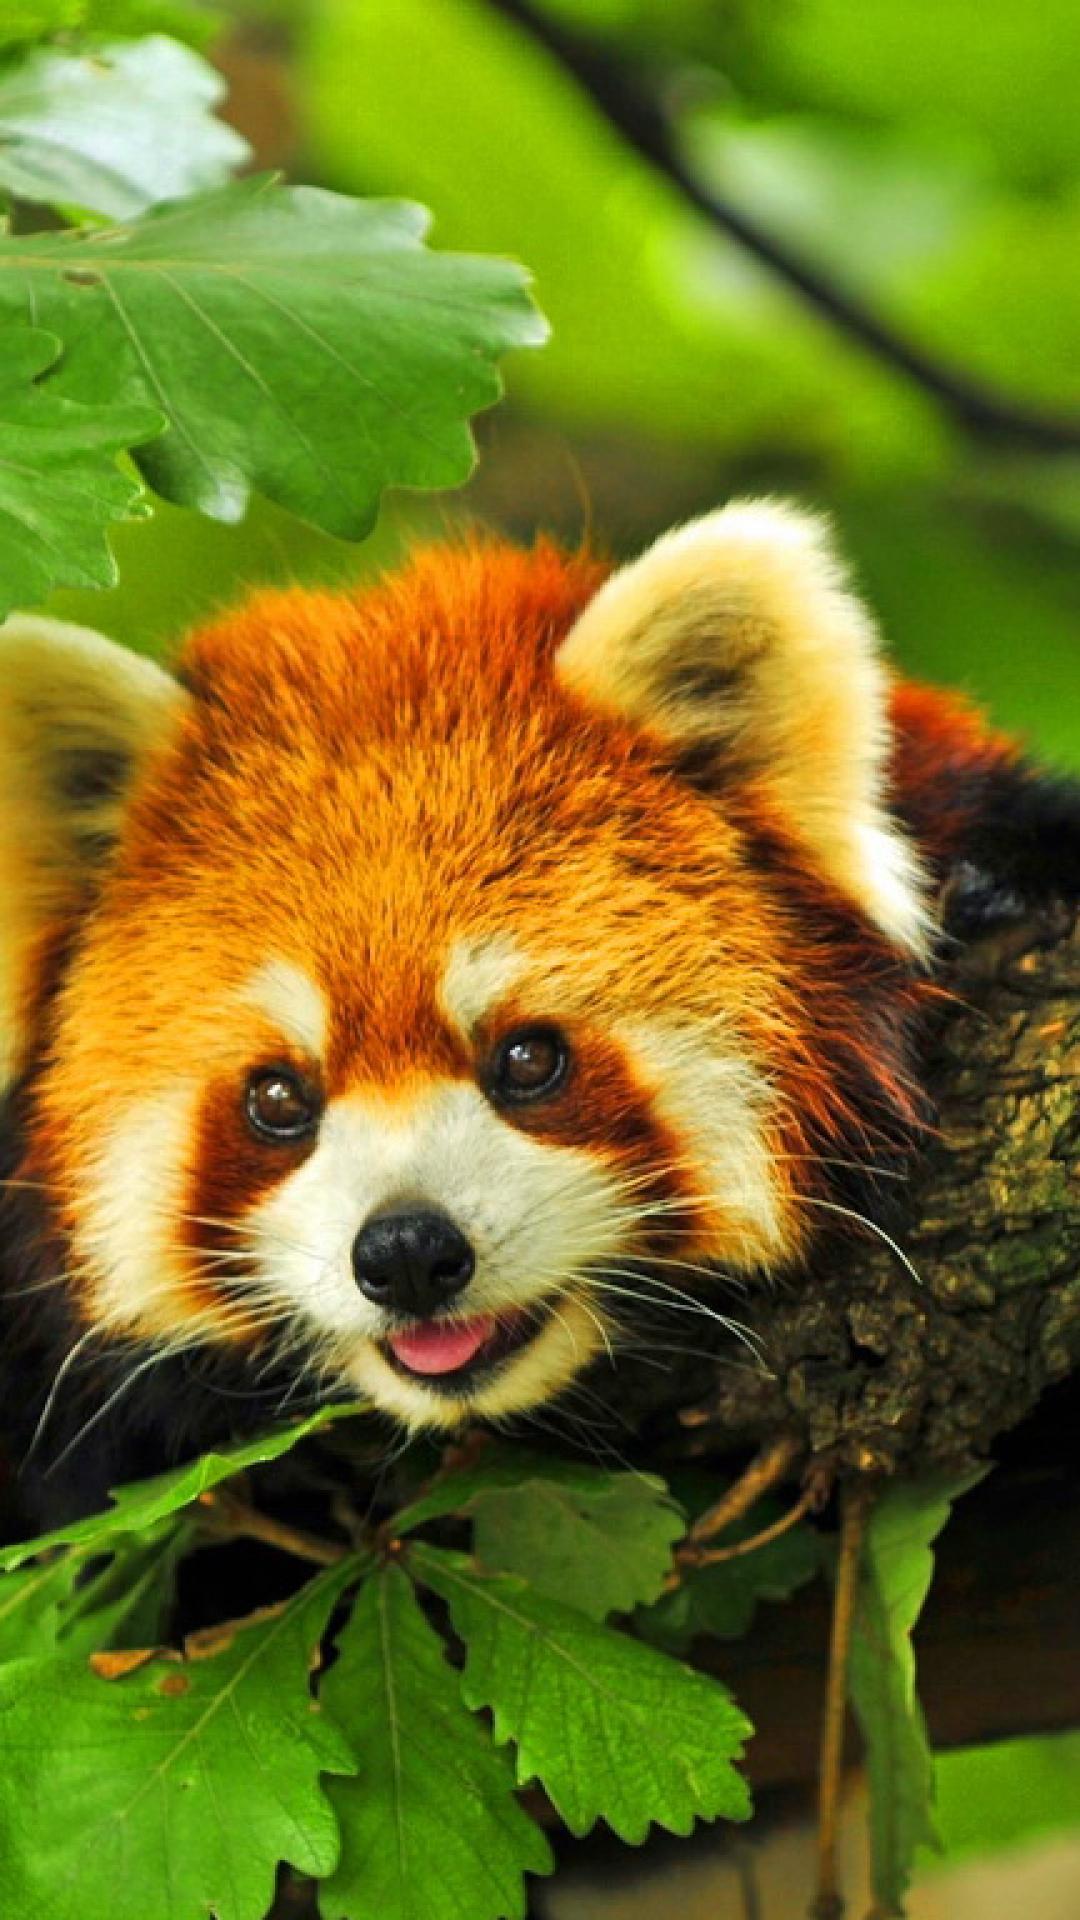 Cute Red Panda Wallpaper - WallpaperSafari  Cute Red Panda Wallpaper